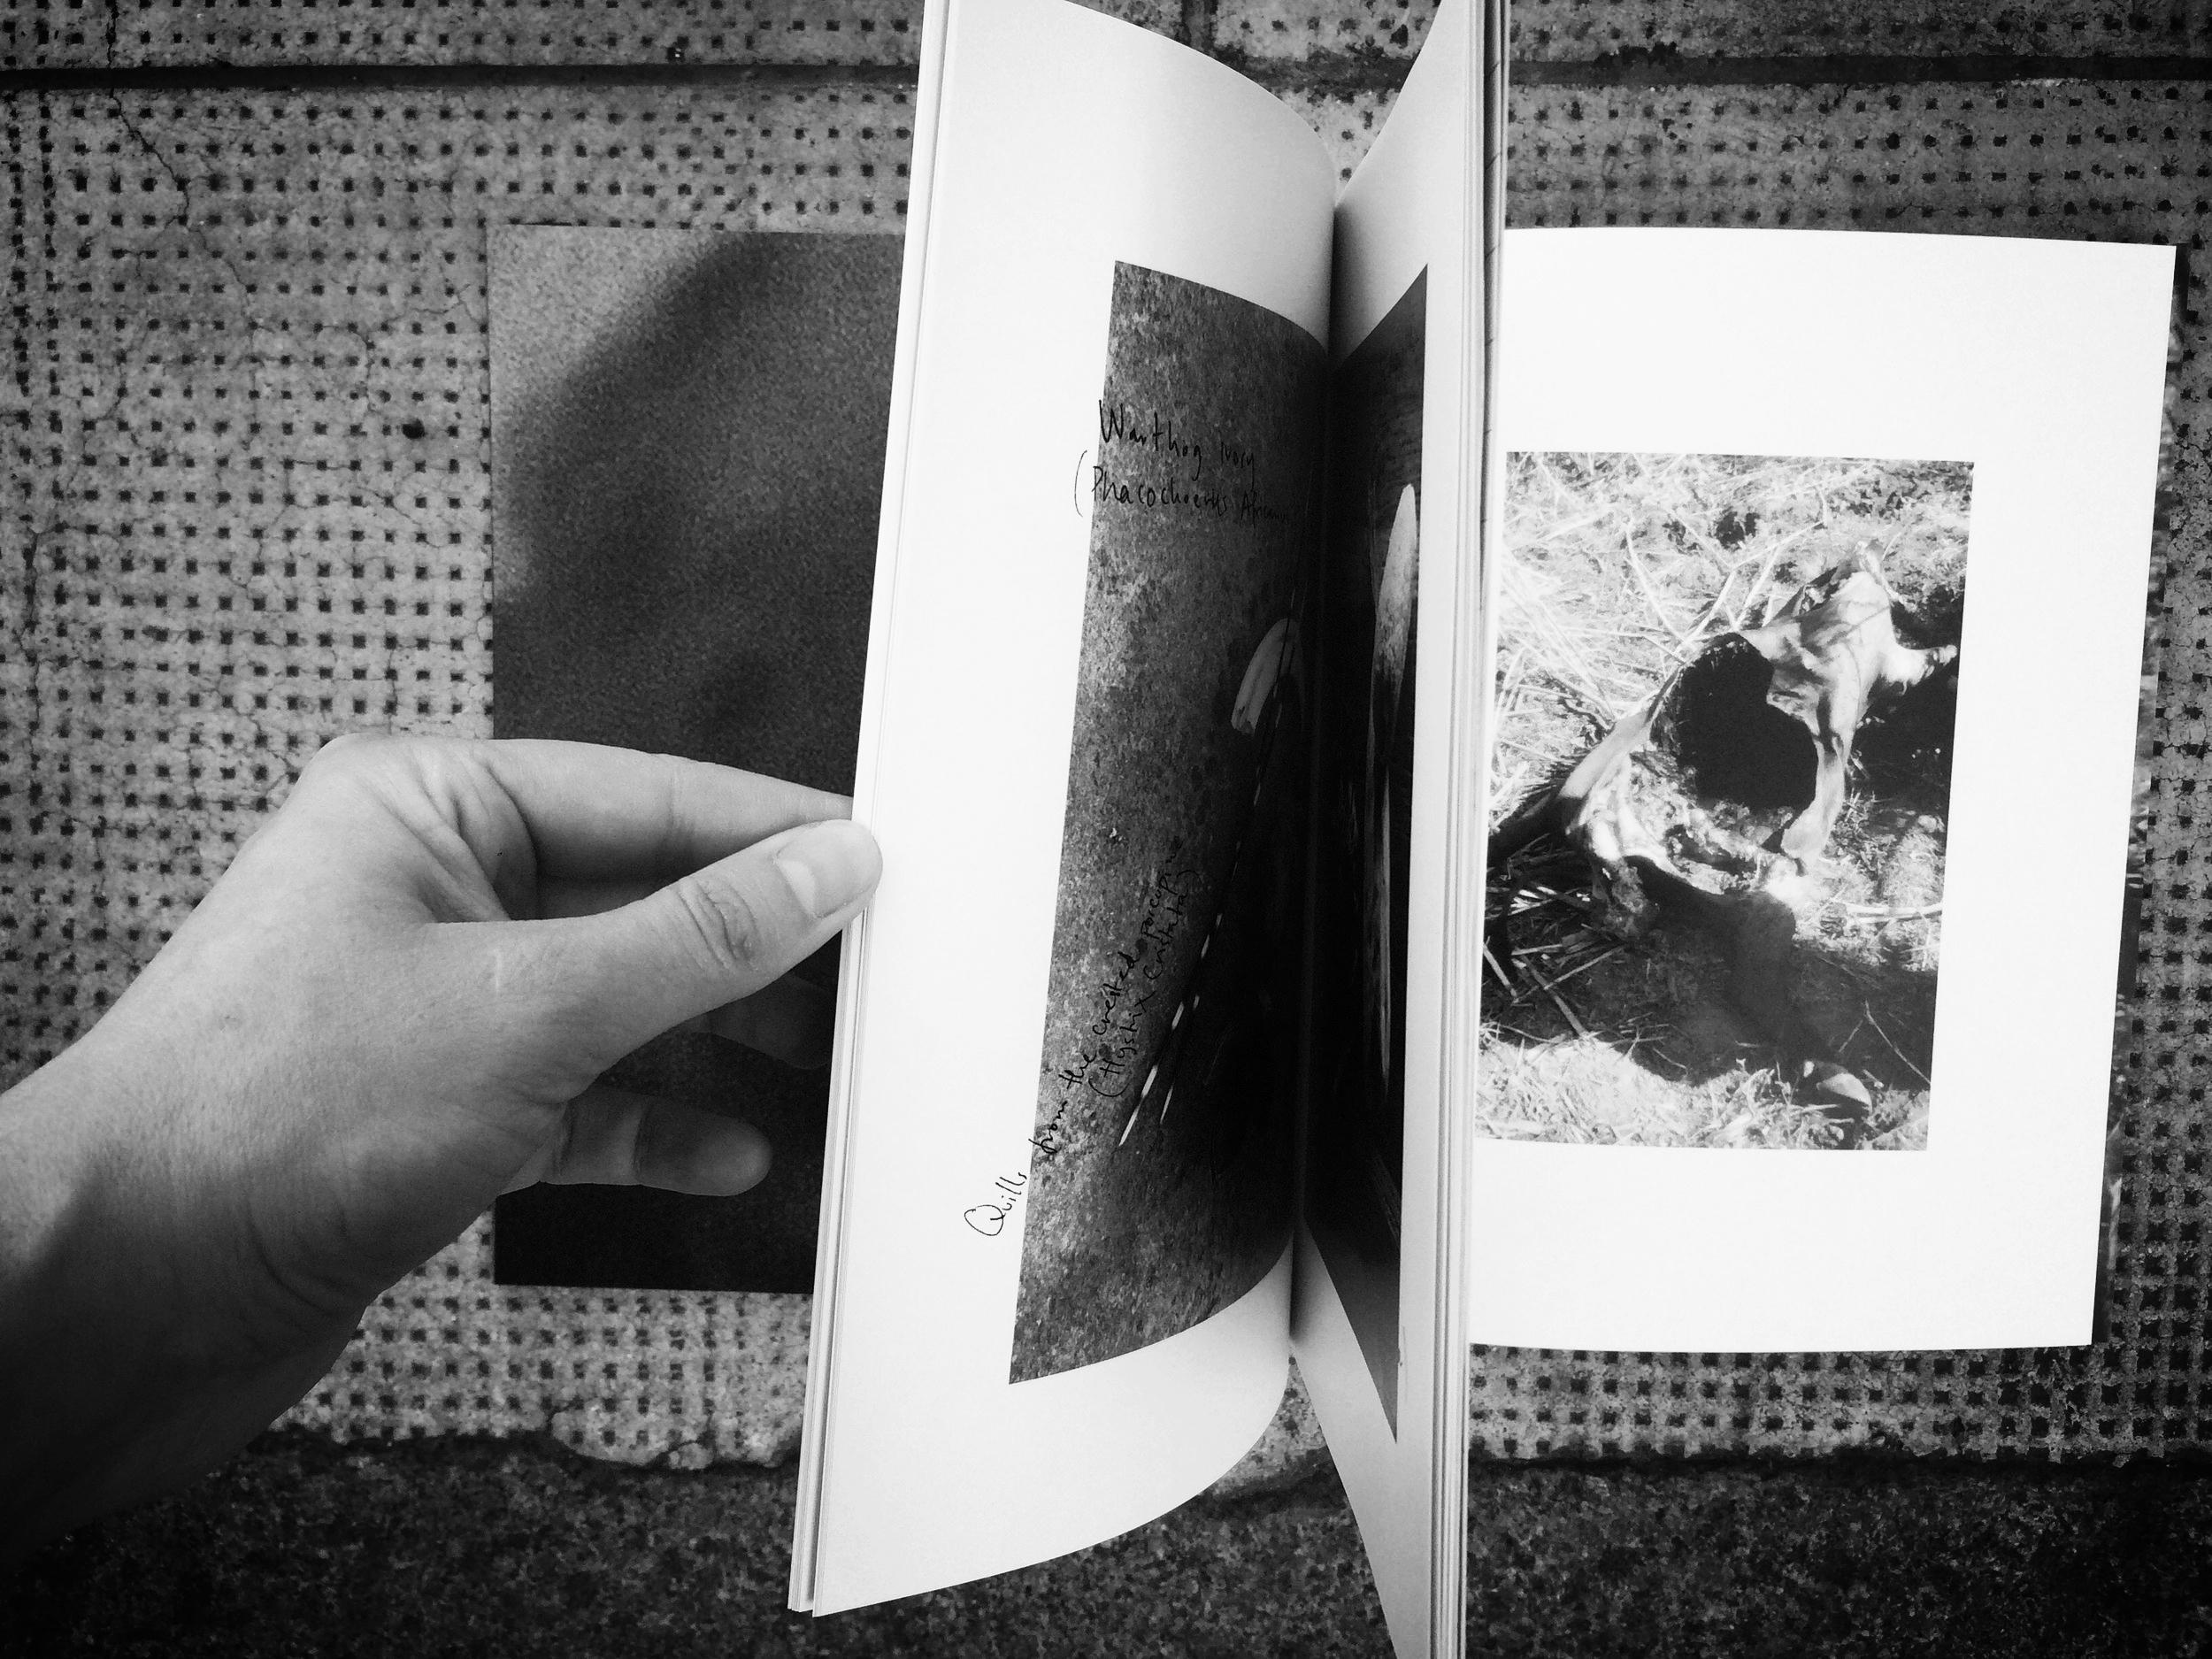 Håndlavede fotobøger